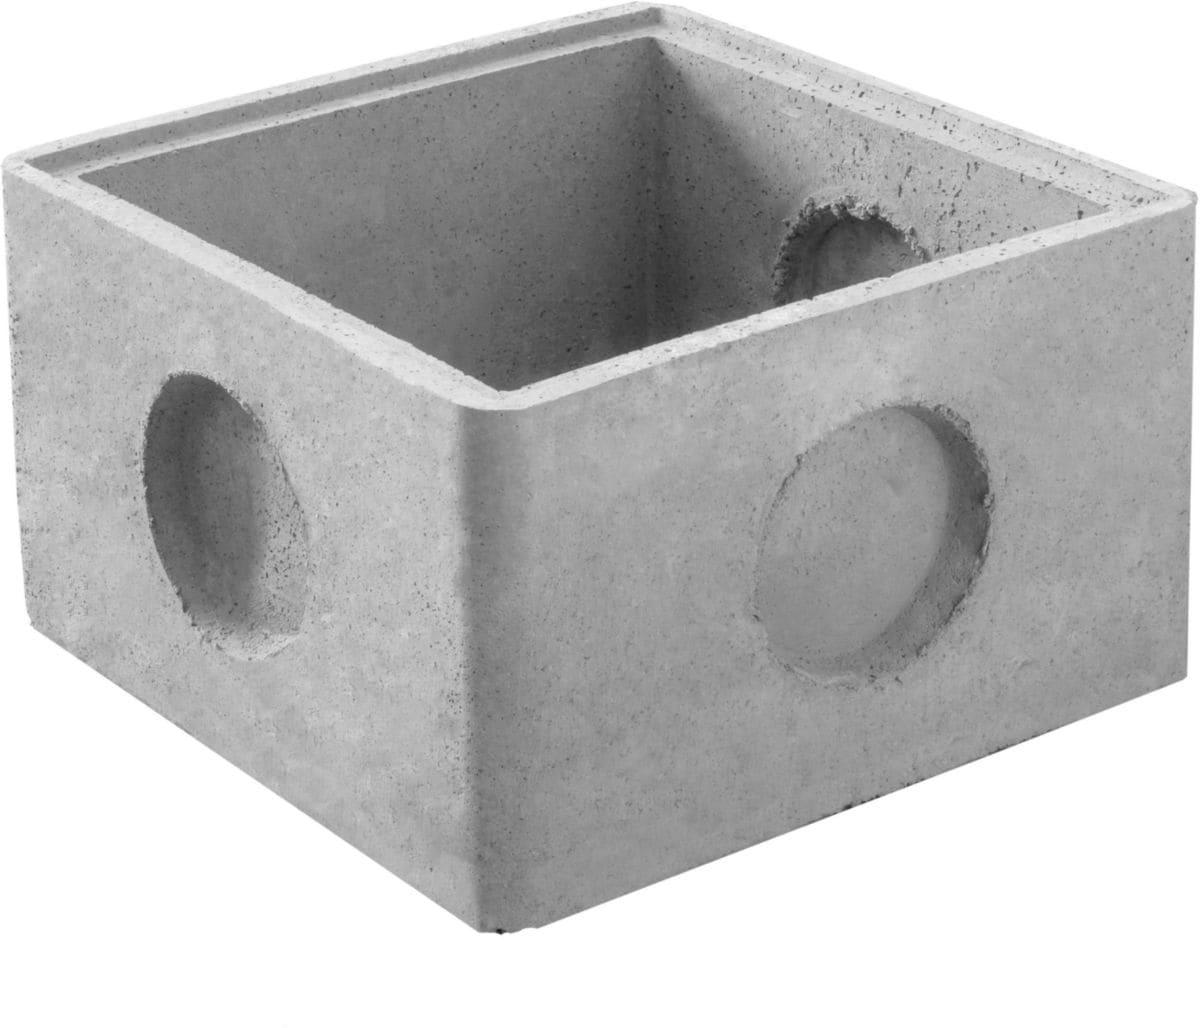 Legouez - Regard Béton Avec Emboîtement Rm 50 - 50X50X30 Cm ... pour Regard Beton 50X50